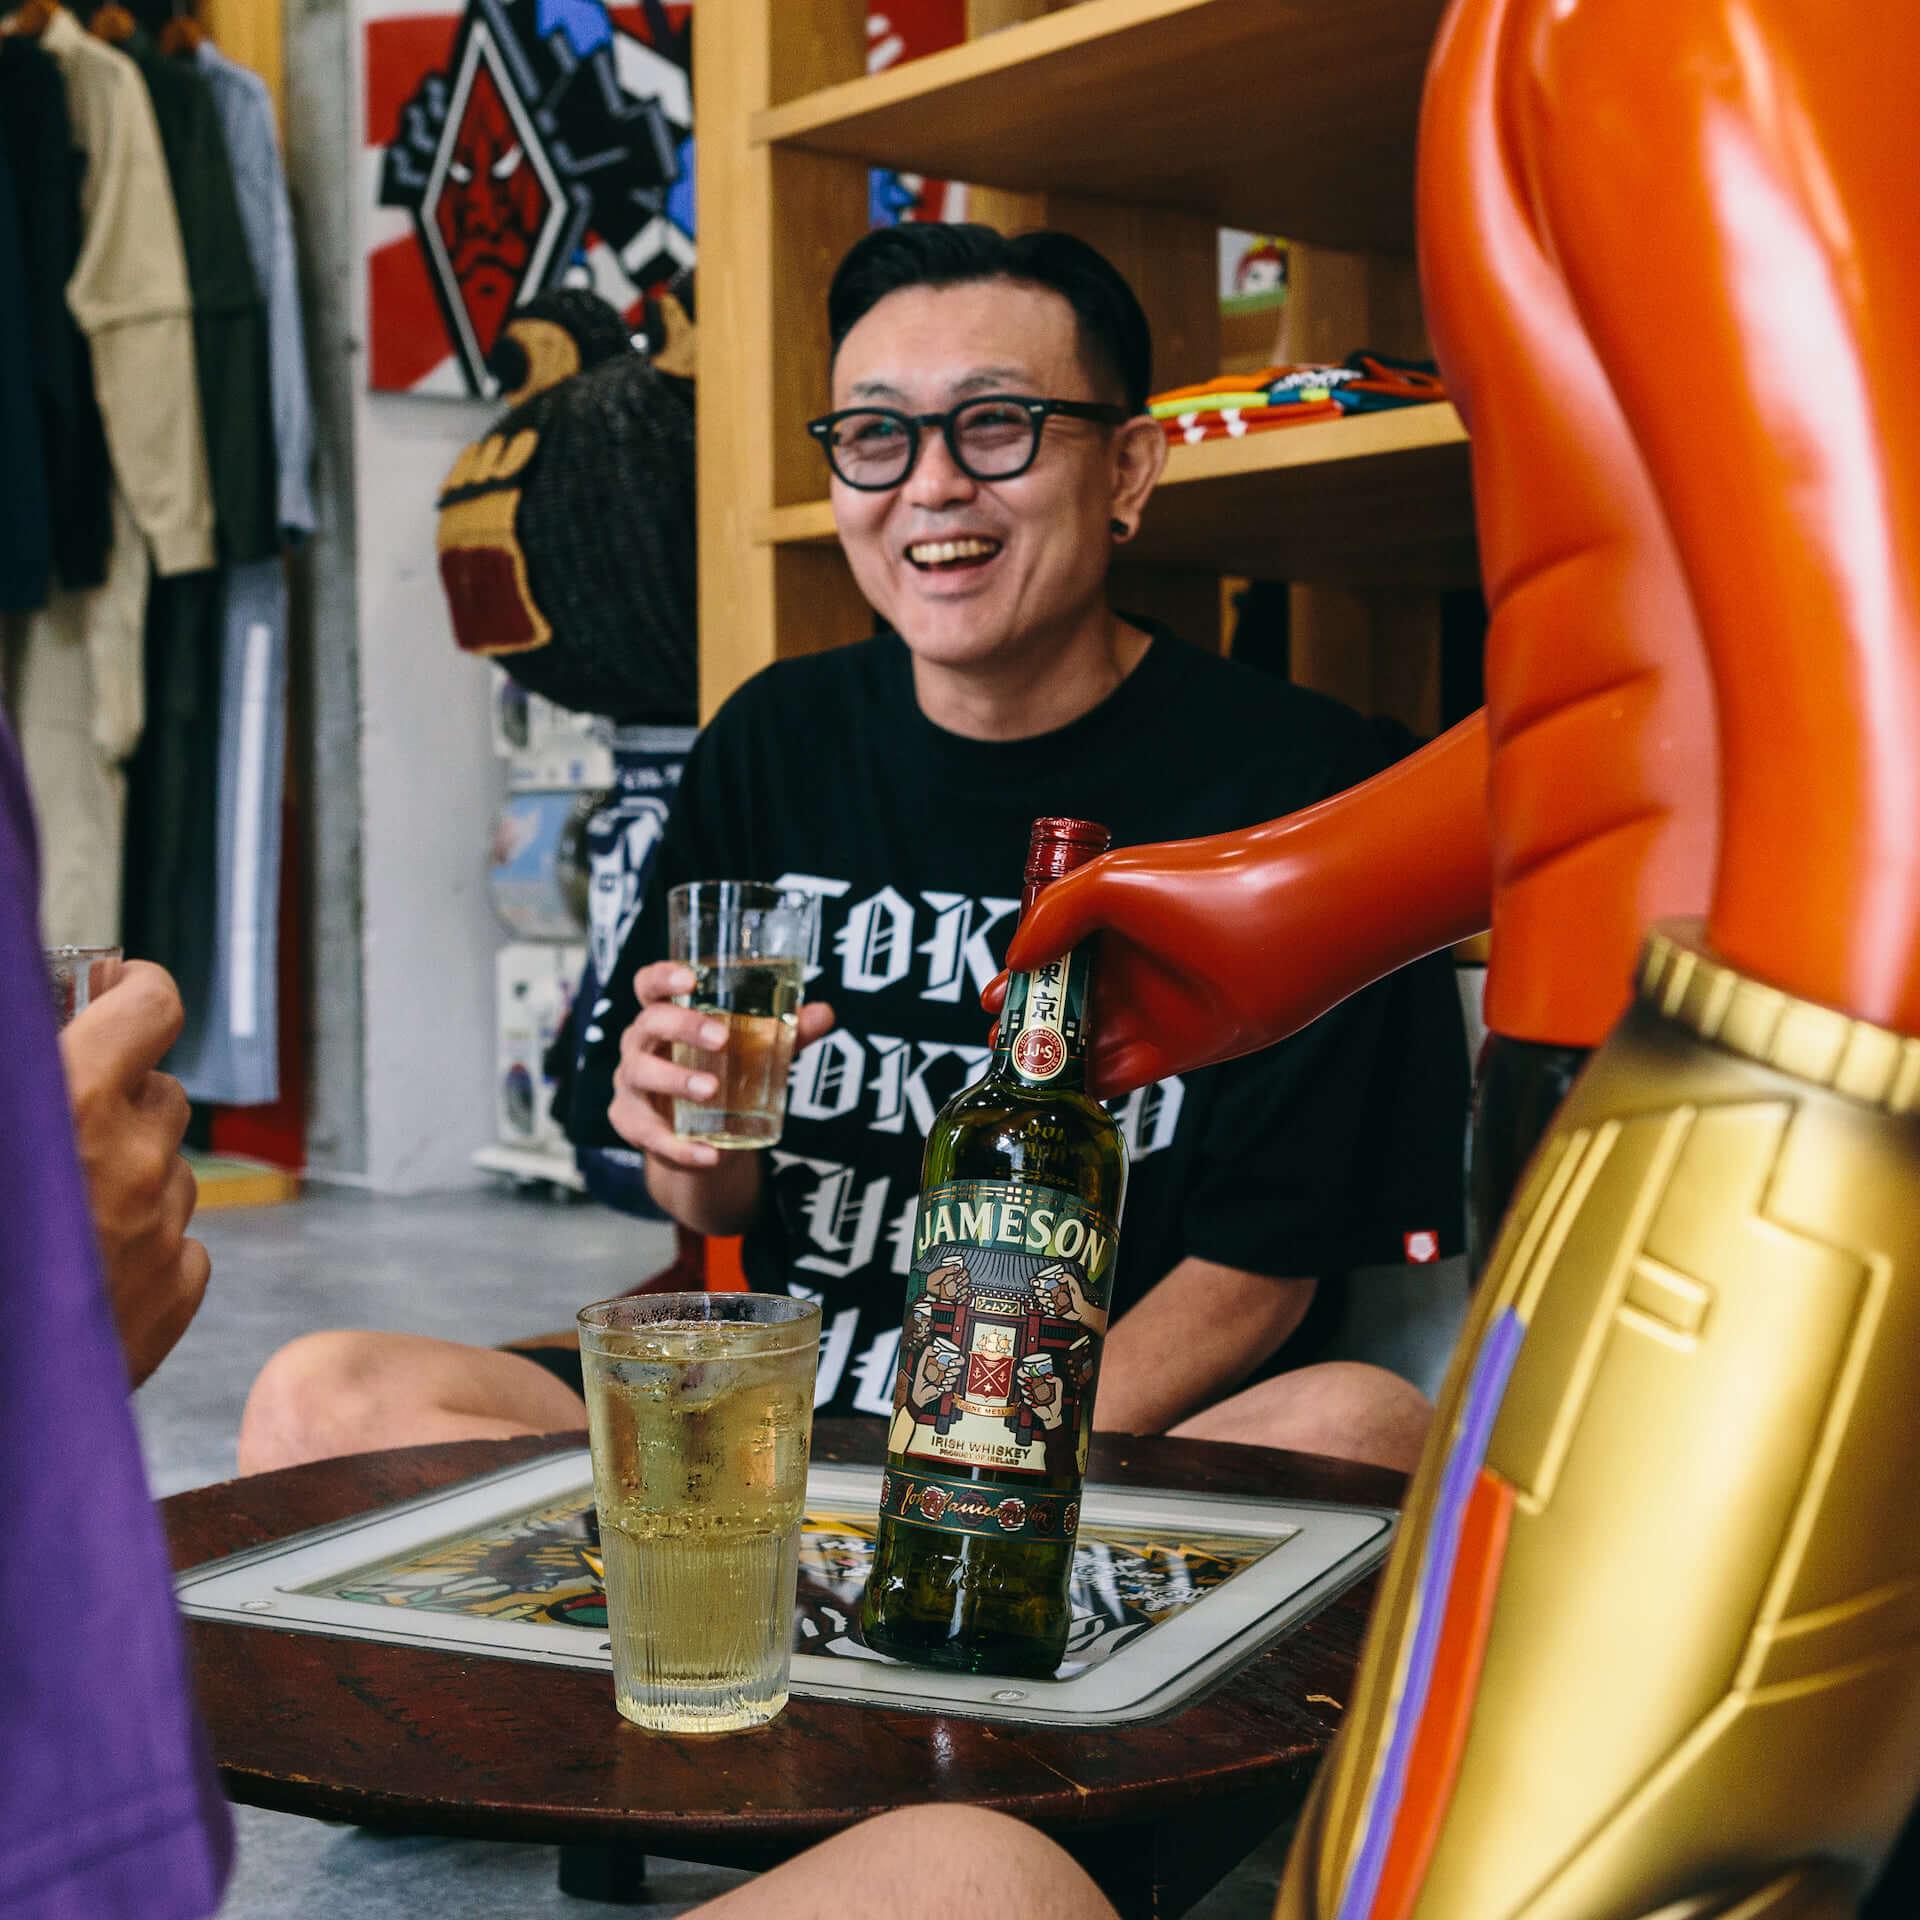 """『ジェムソン』が""""東京""""デザインの限定ボトルに!PUNK DRUNKERS・親方とコラボした『ジェムソン 東京 リミテッド』が発売決定 gourmet200828_jamesonwhiskey_1-1920x1920"""